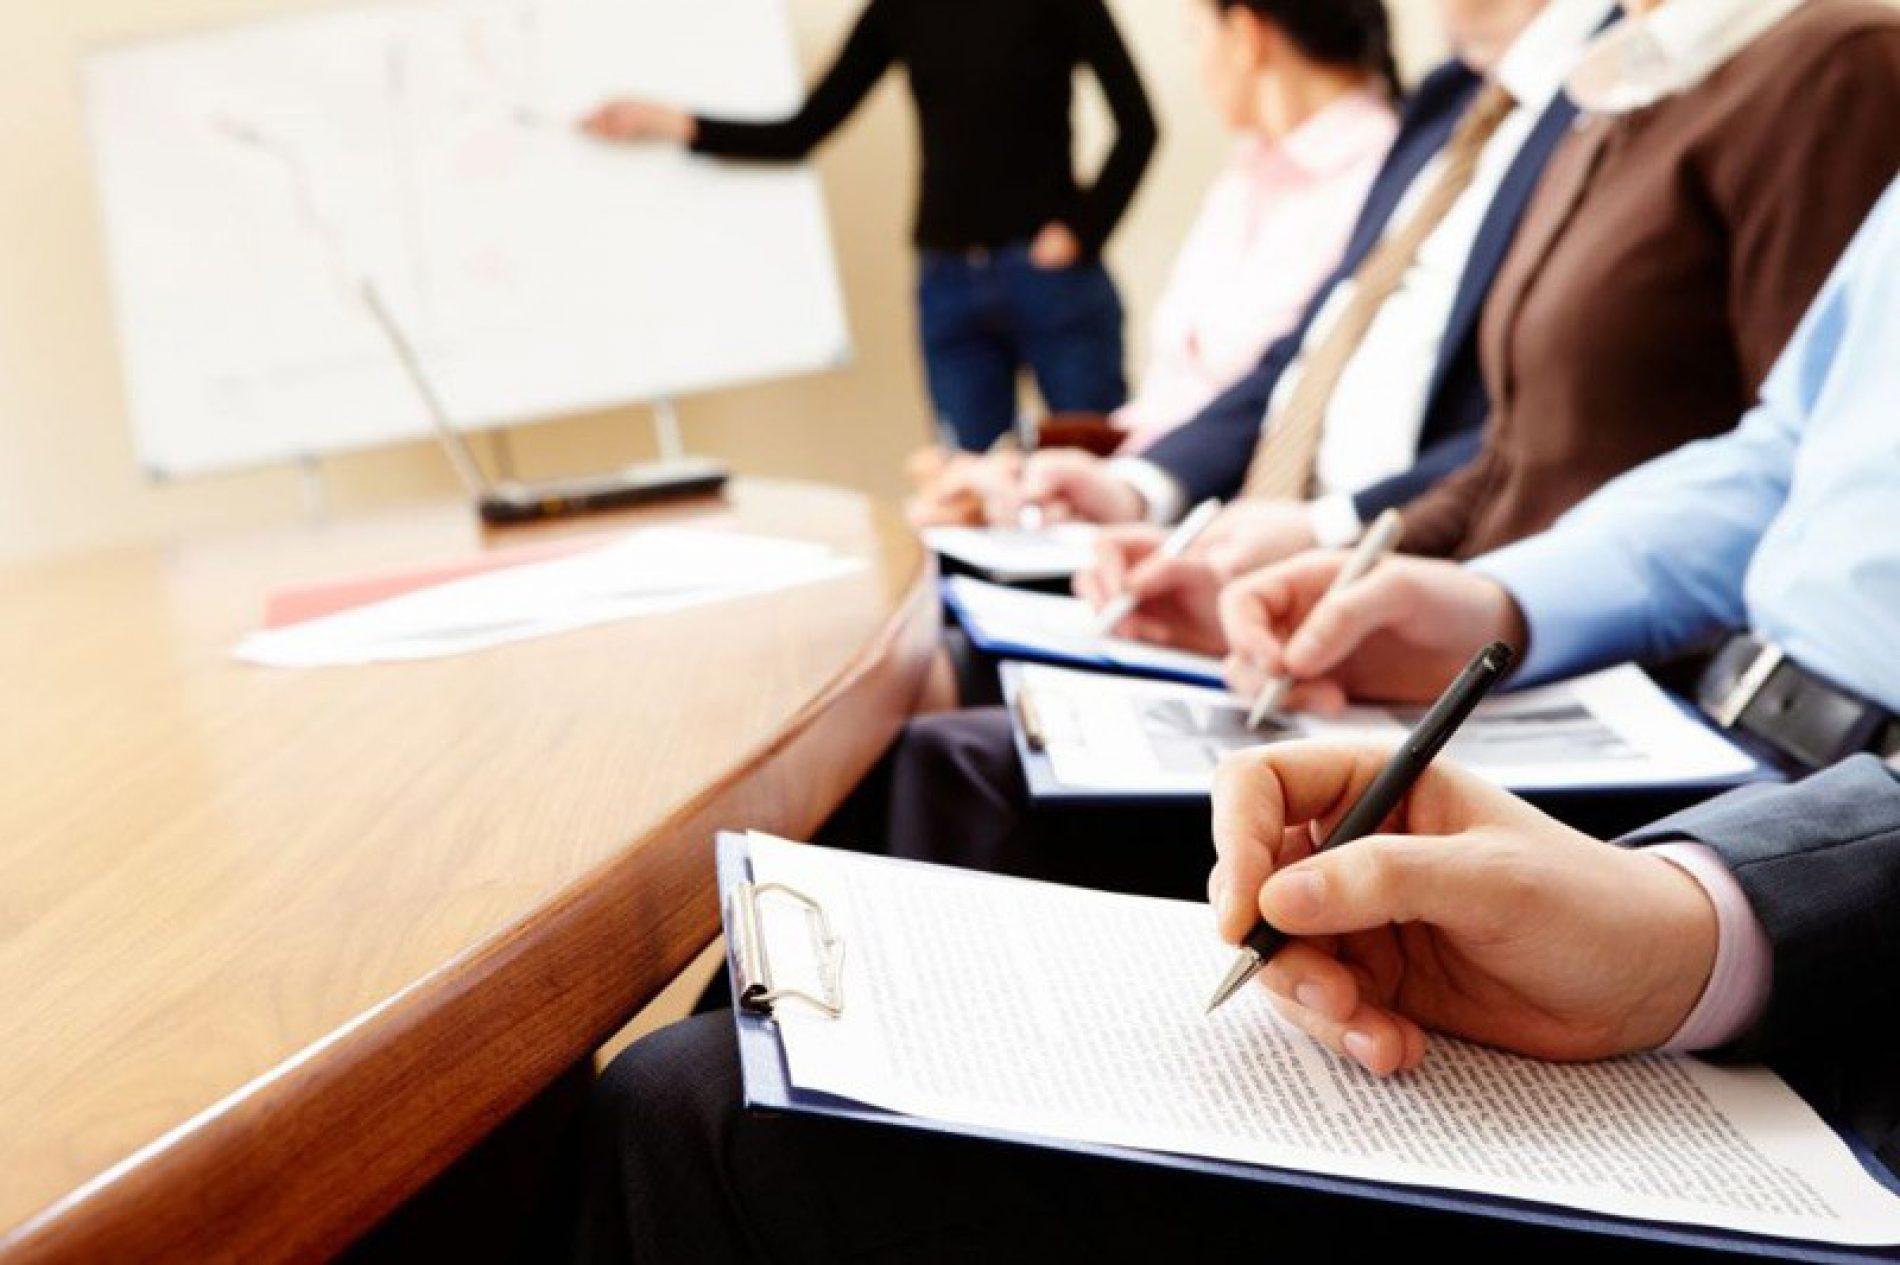 Nuove opportunità di formazione pratica in Campania: il programma FILA